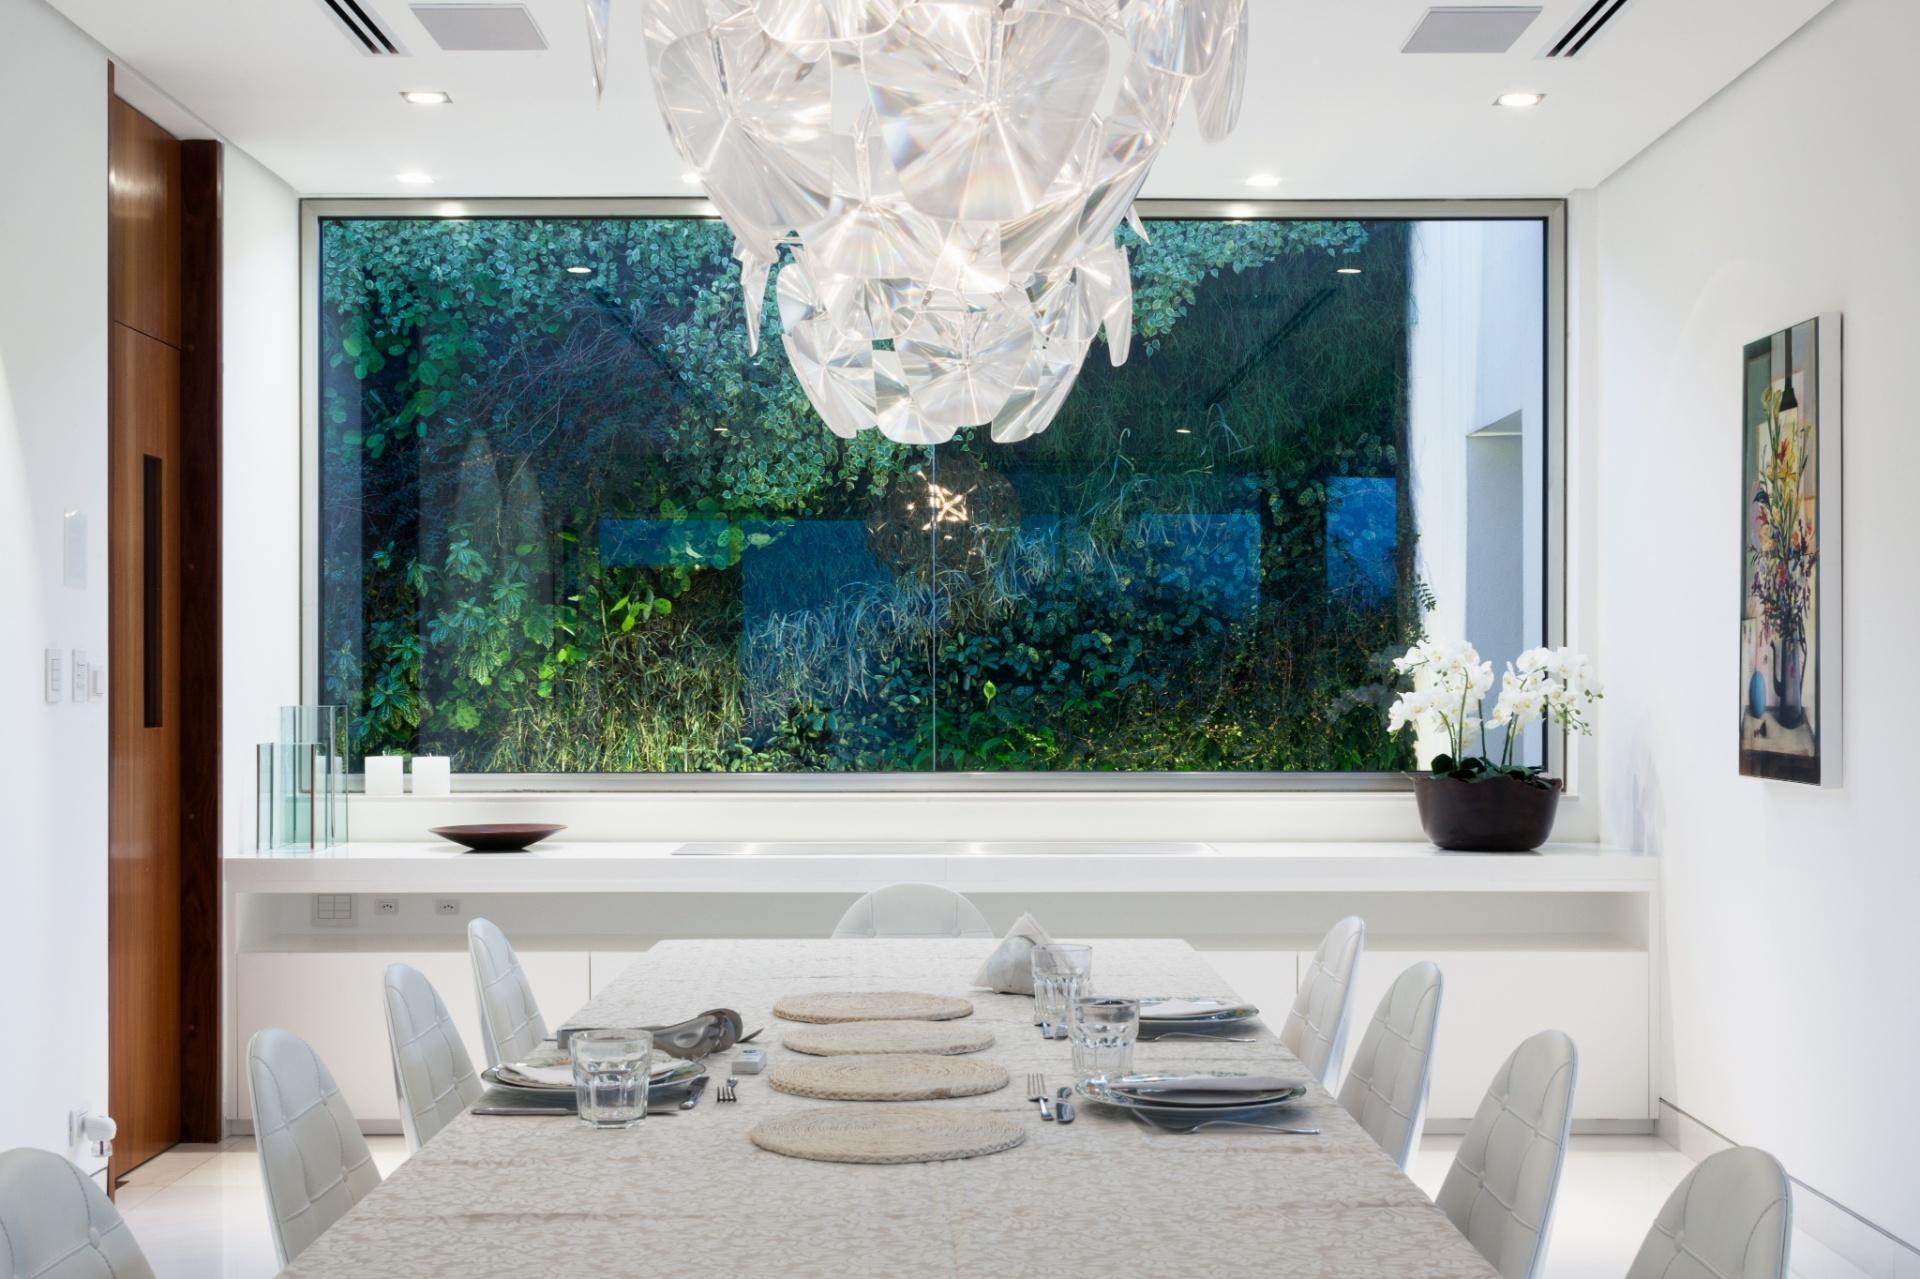 Na sala de jantar contemporânea uma abertura com vidro fixo oferece um quadro natural e verde para decorar o interior. O lustre da Lumini, além de iluminar, destaca-se como elemento decorativo. À esquerda, a porta vai-e-vem acessa a copa da casa projetada pelo escritório Reinach Mendonça Arquitetos Associados